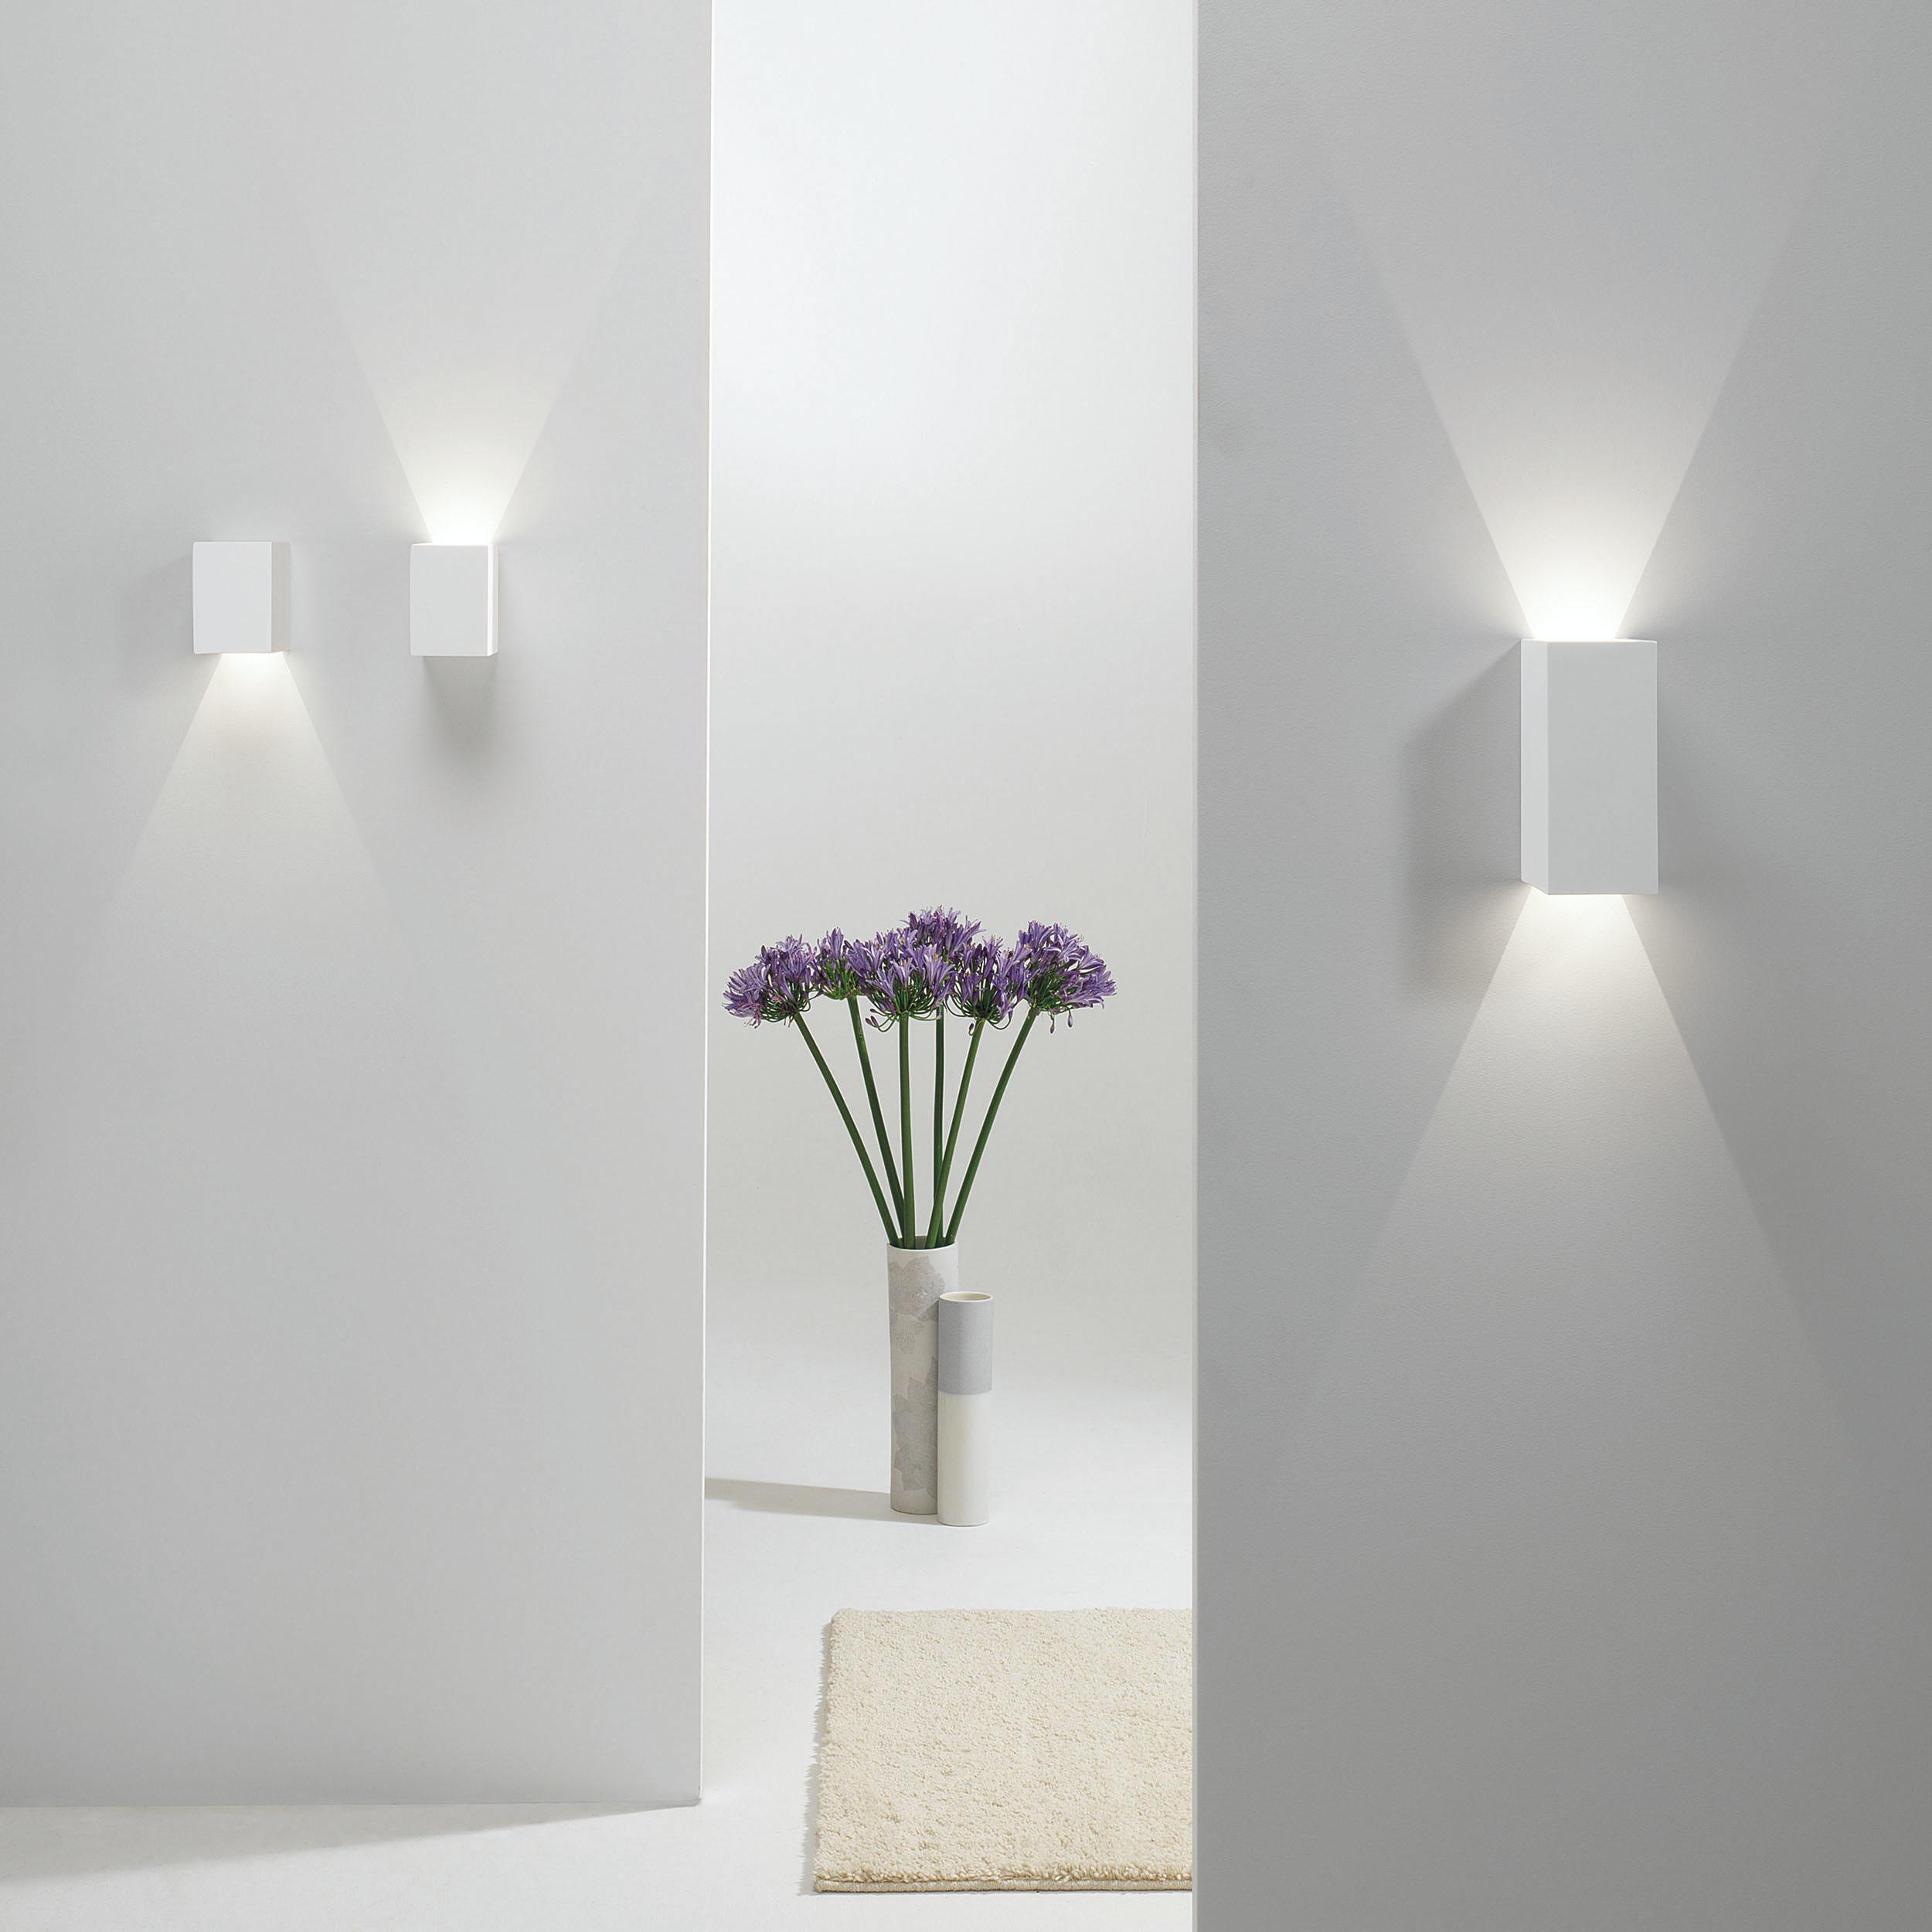 Настенный светодиодный светильник Astro Parma 1187004 (7019), LED 3,98W 3000K 104.3lm CRI80, белый, под покраску, гипс - фото 4